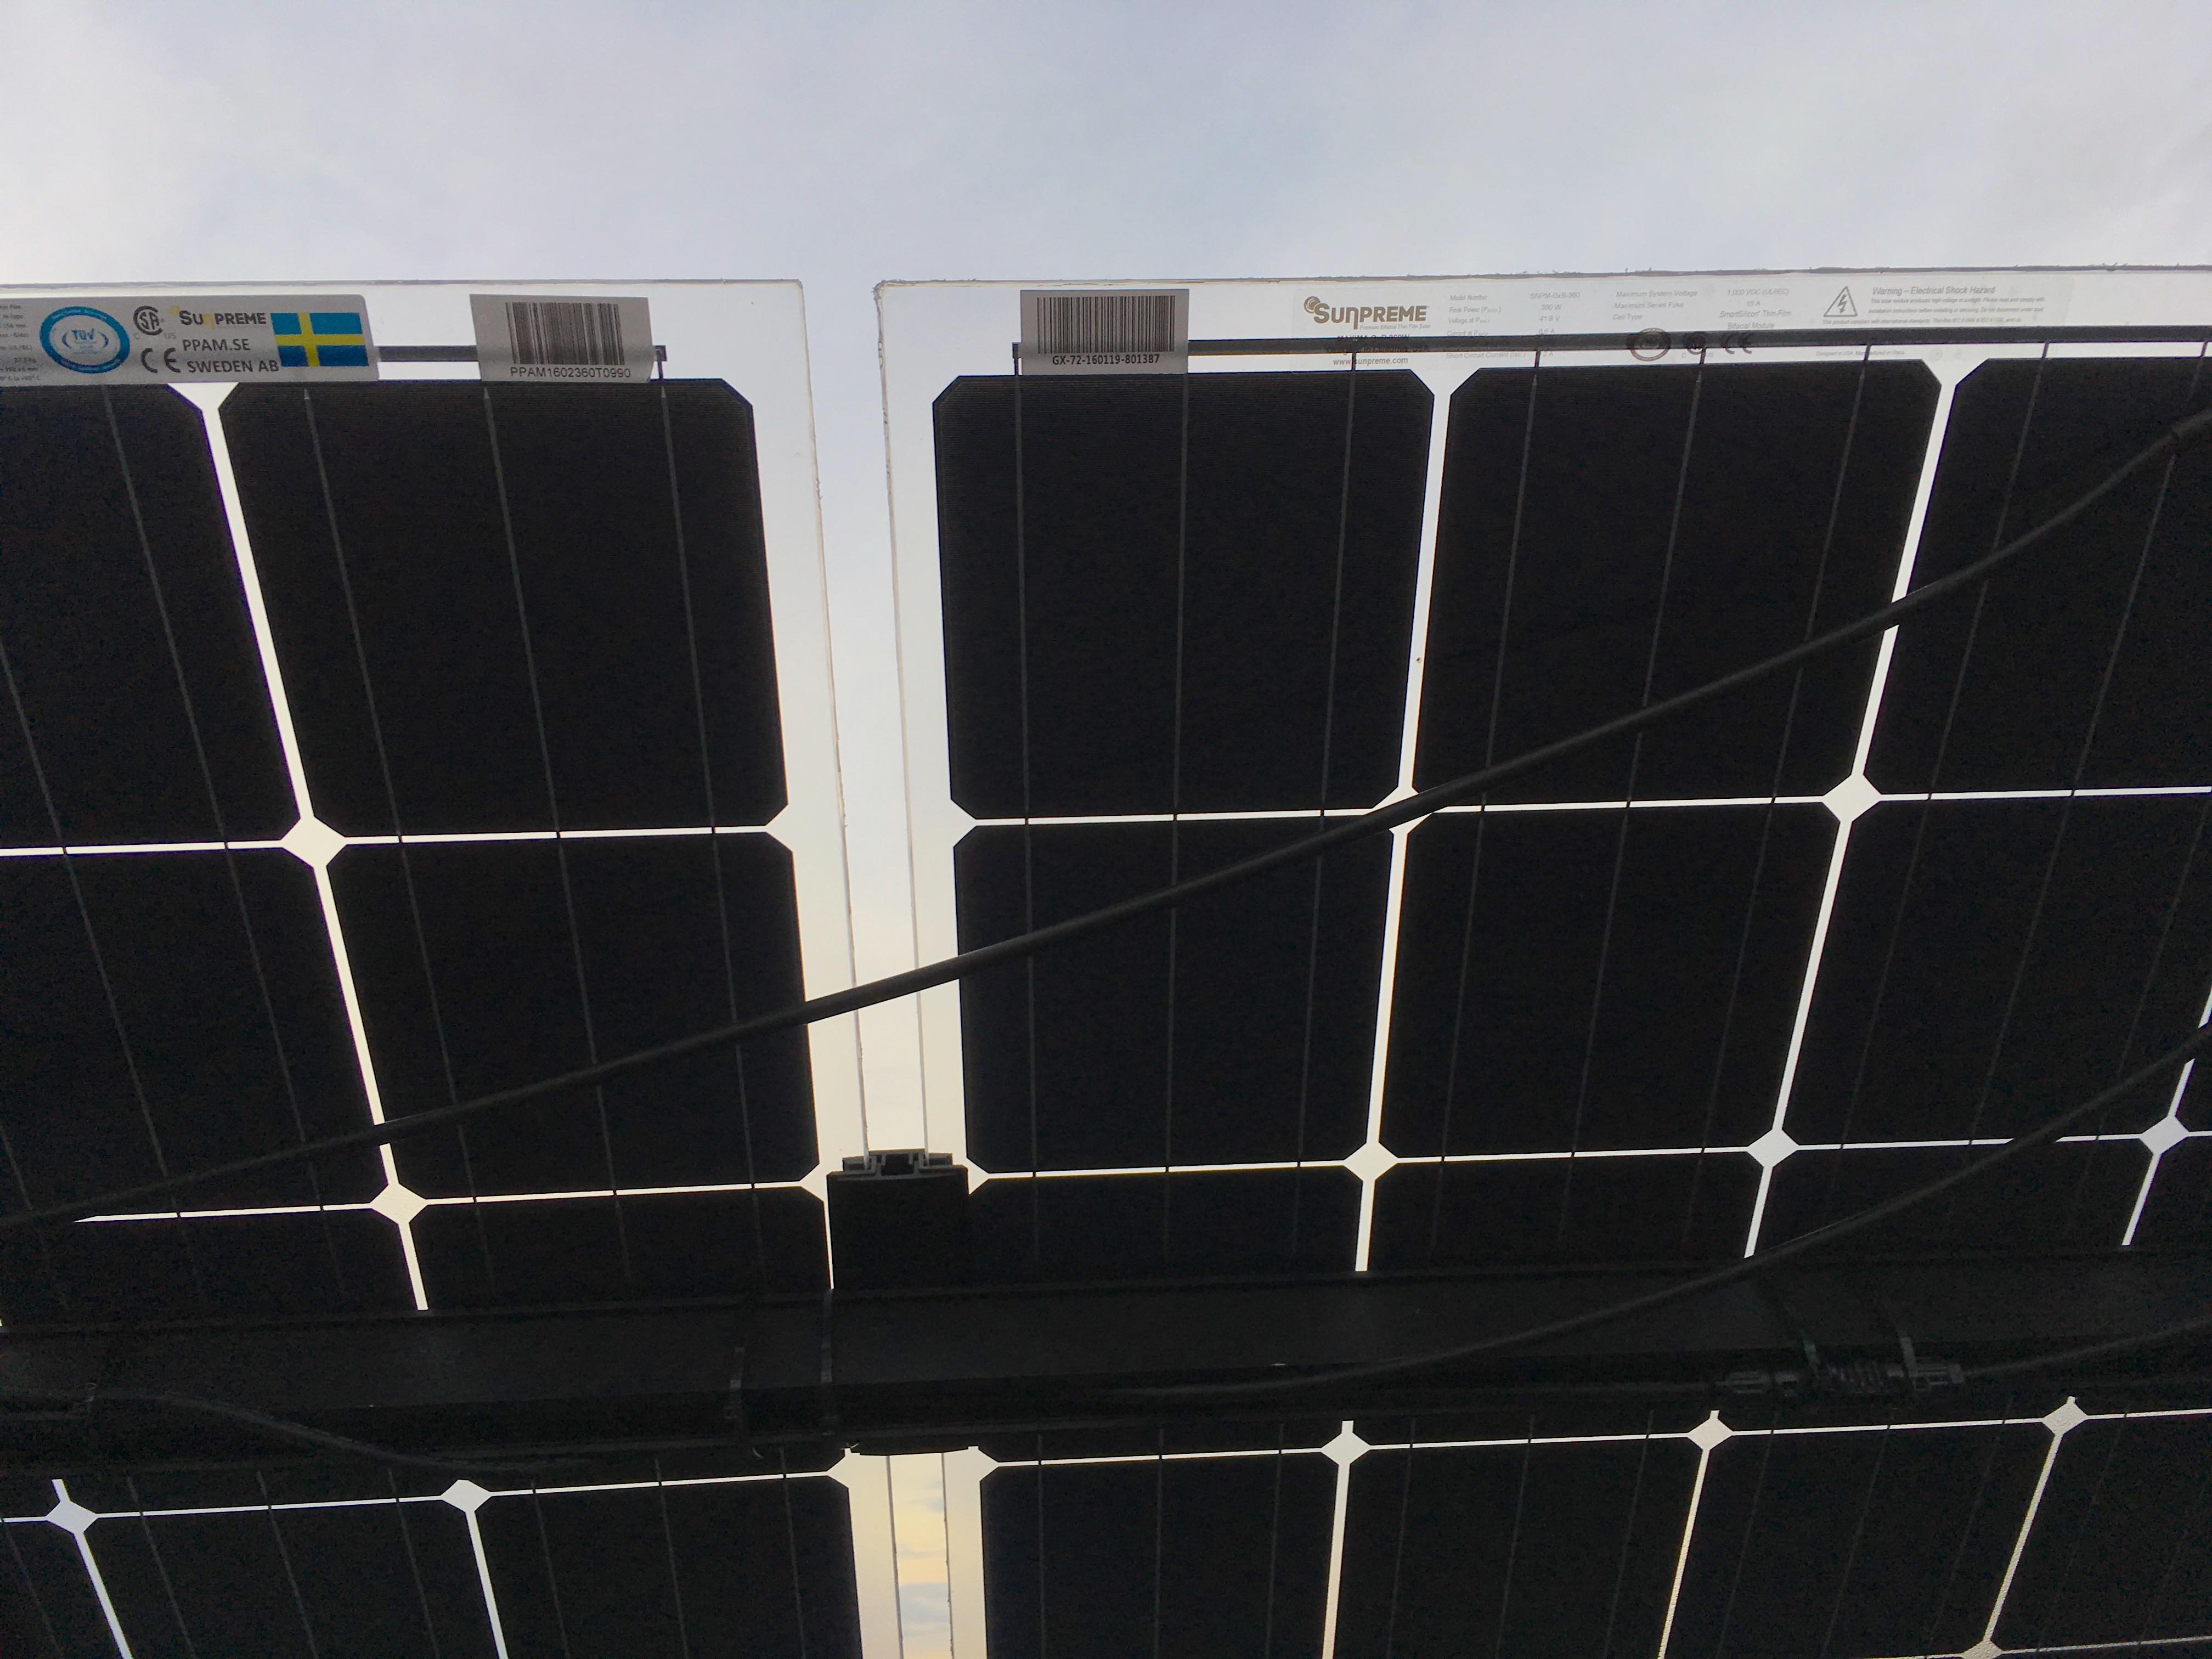 bifacial solceller på Örjanhallens tak sedda från undersidan